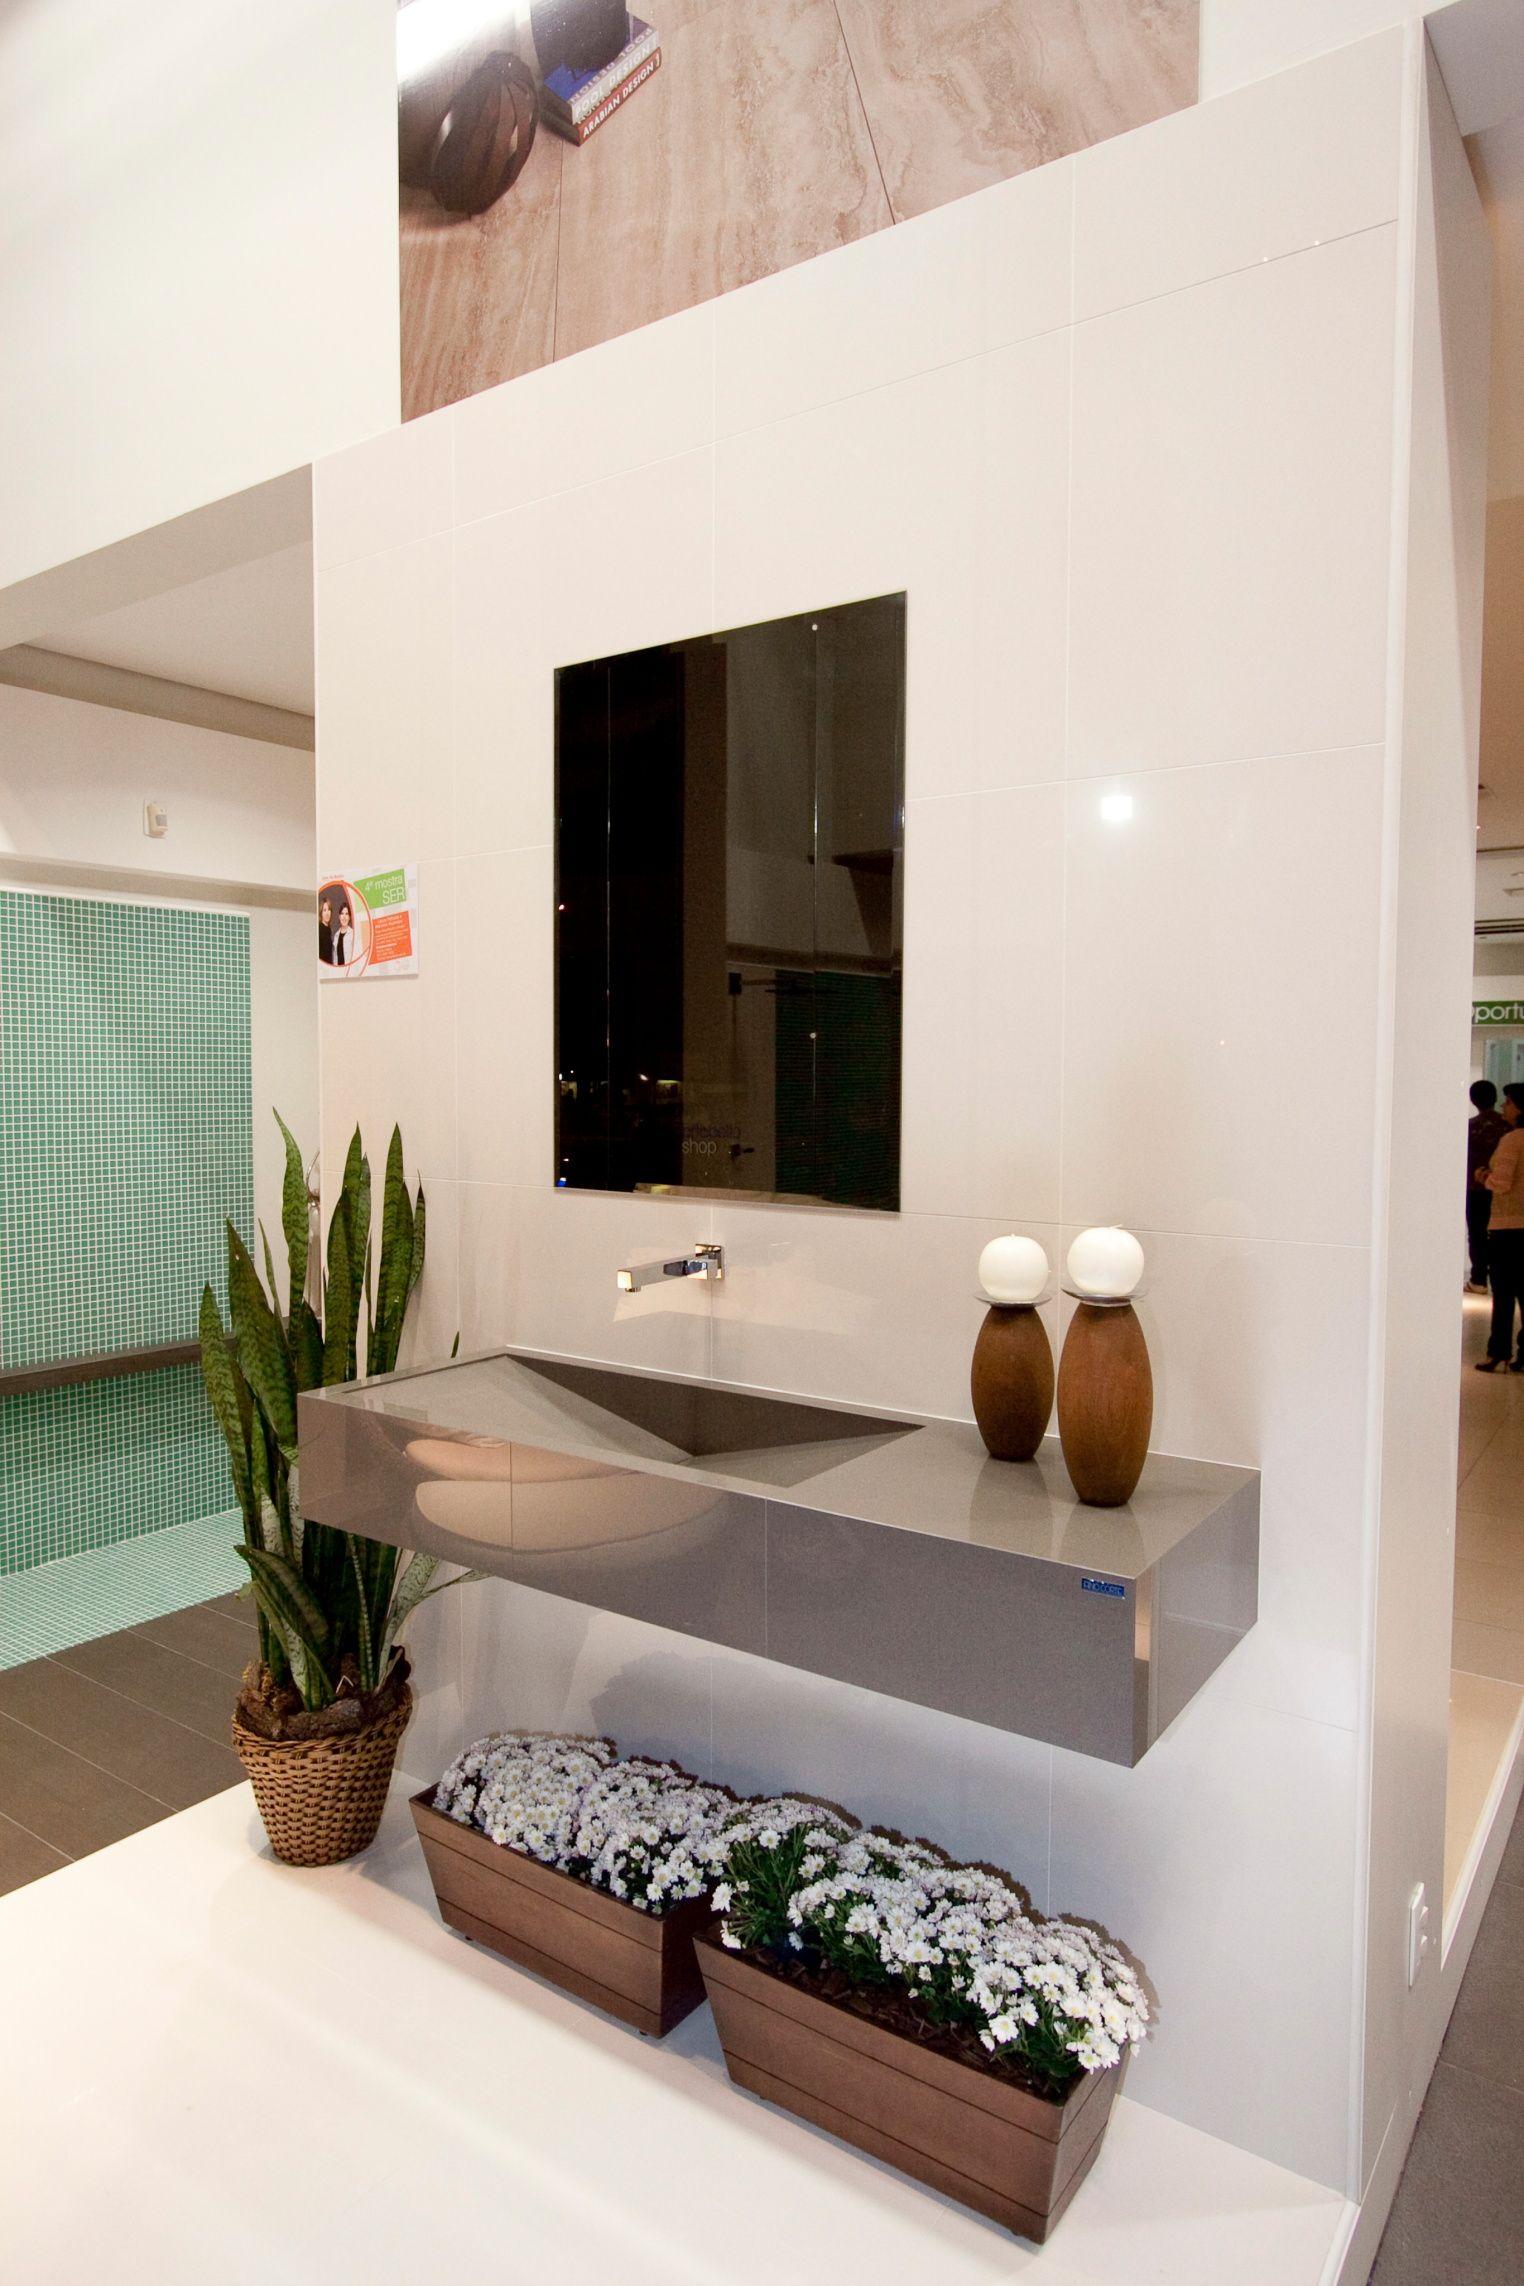 ceramica-portobello-ambiente-Traço-Arquitetura-Laura-Peixoto- Marissol-Alcantara